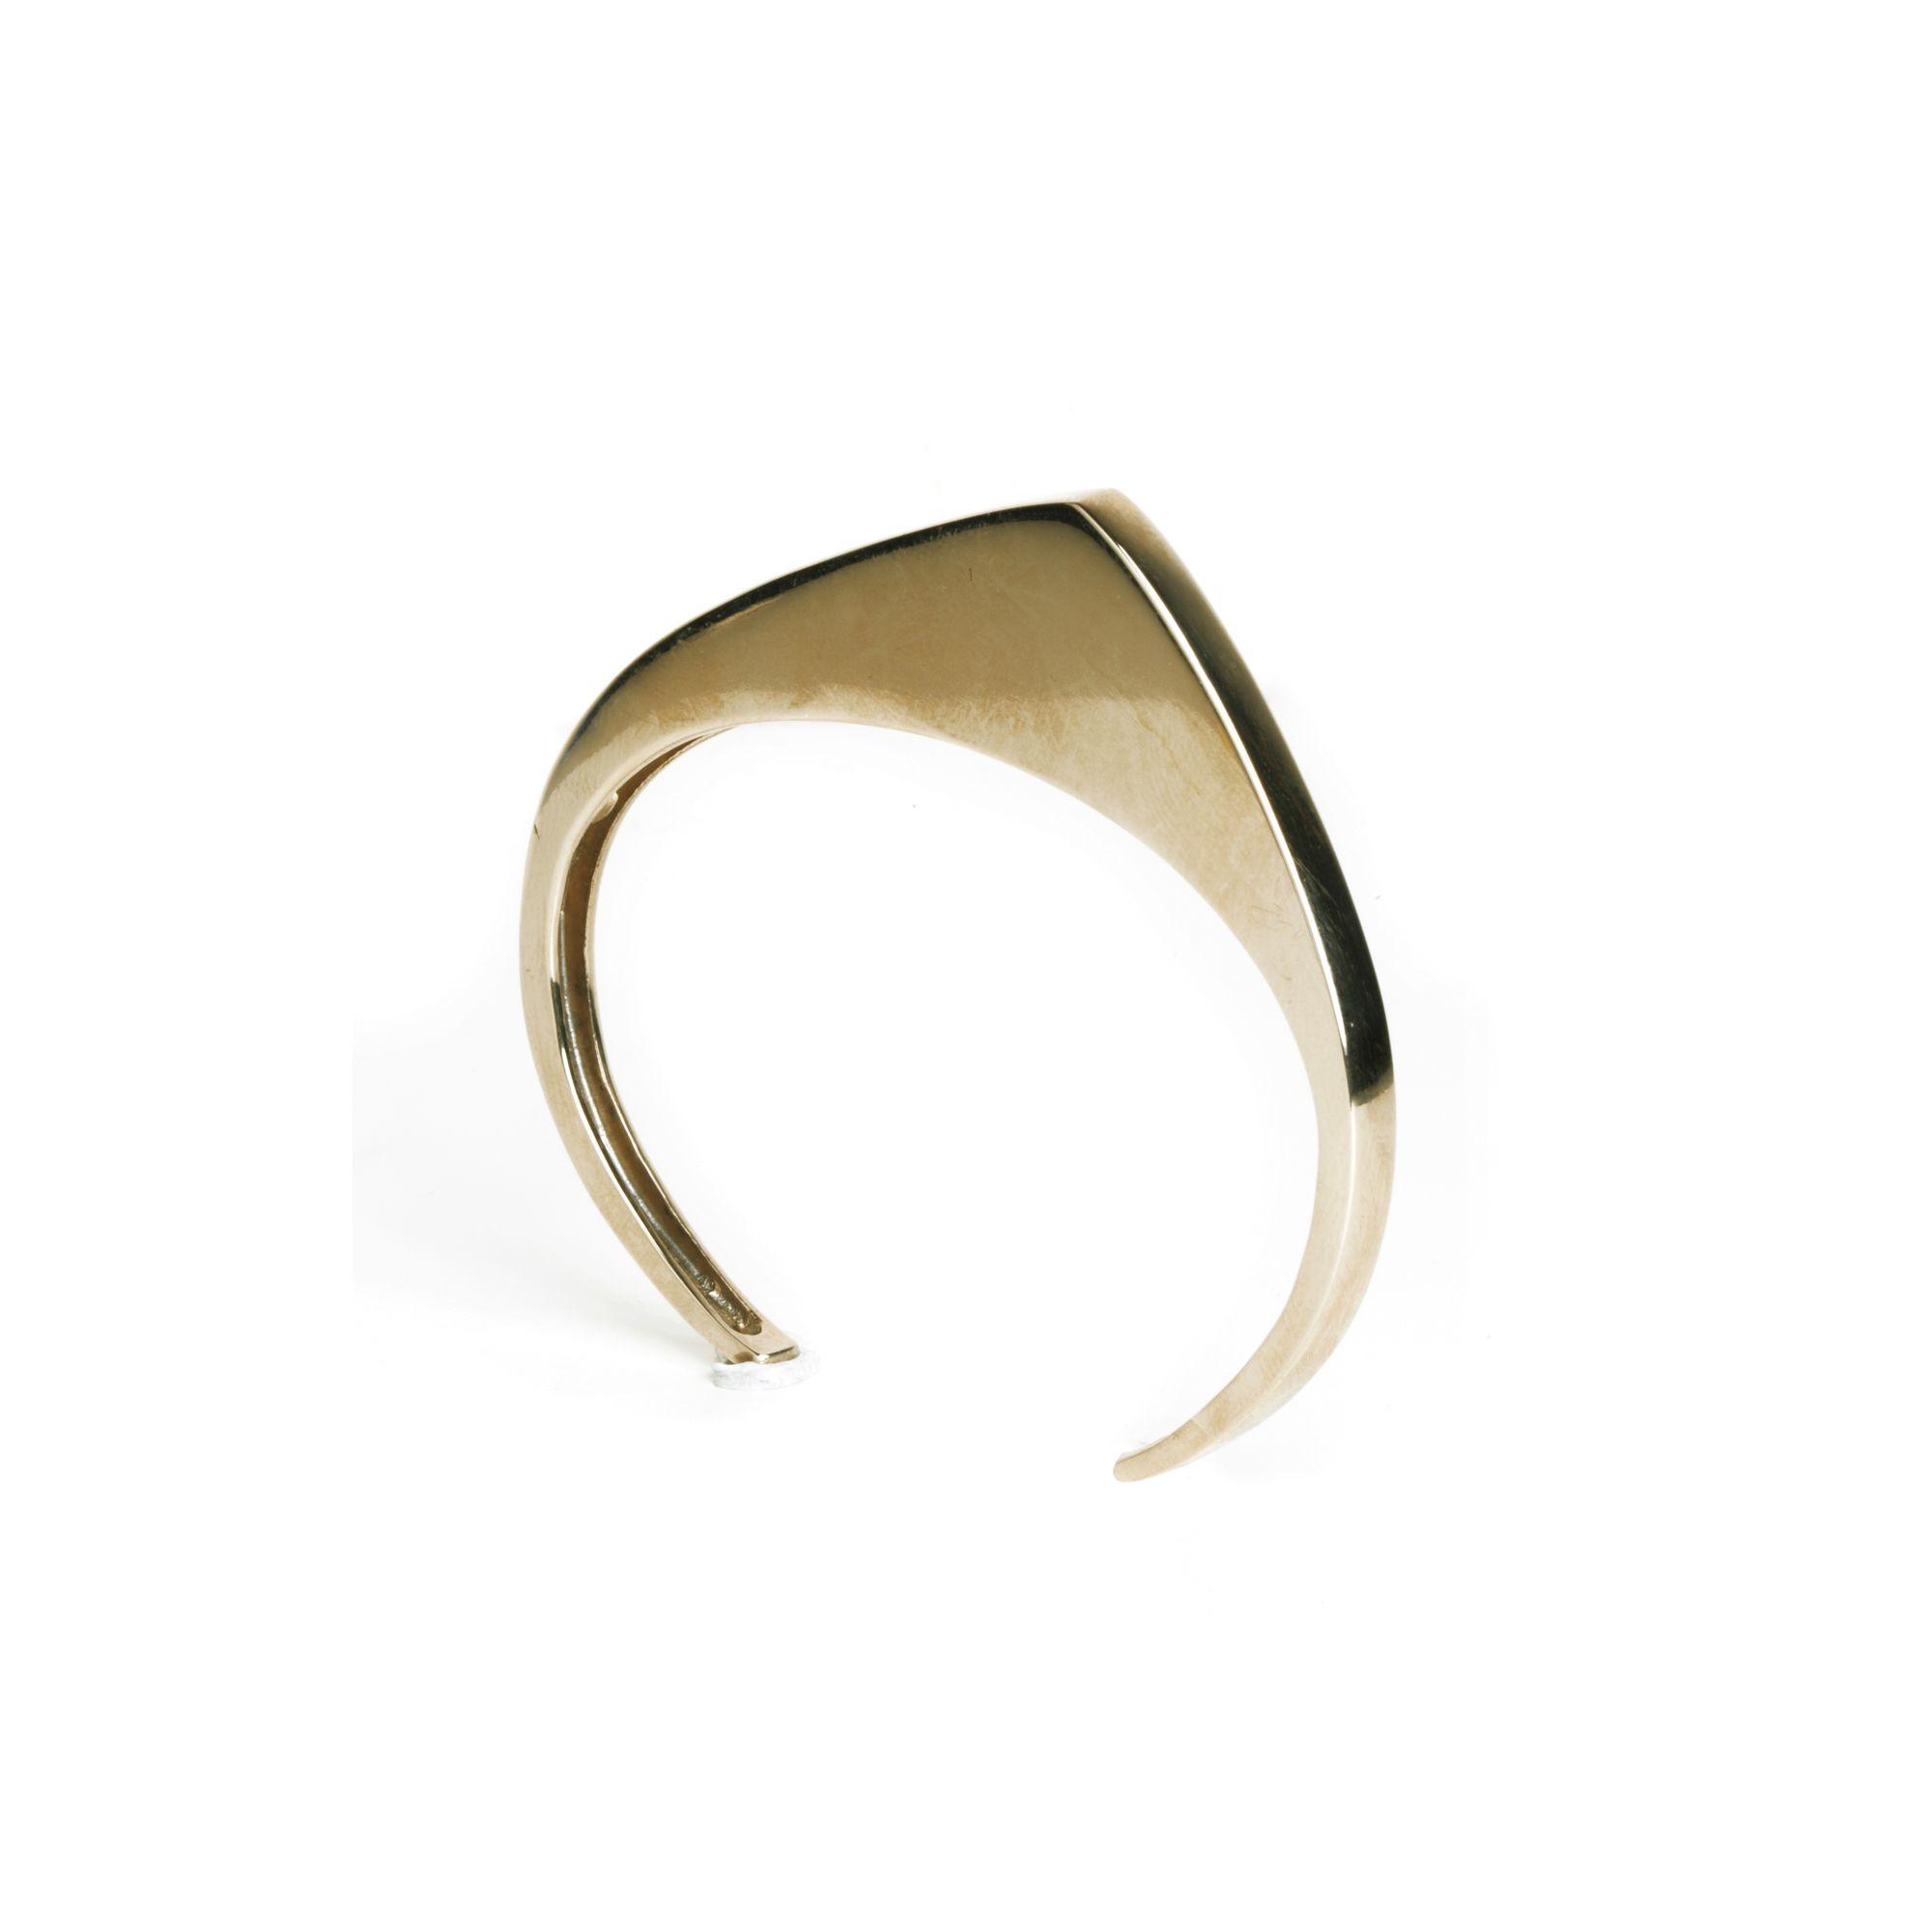 'Congiunzioni' 1 element bracelet Bronze bracelet